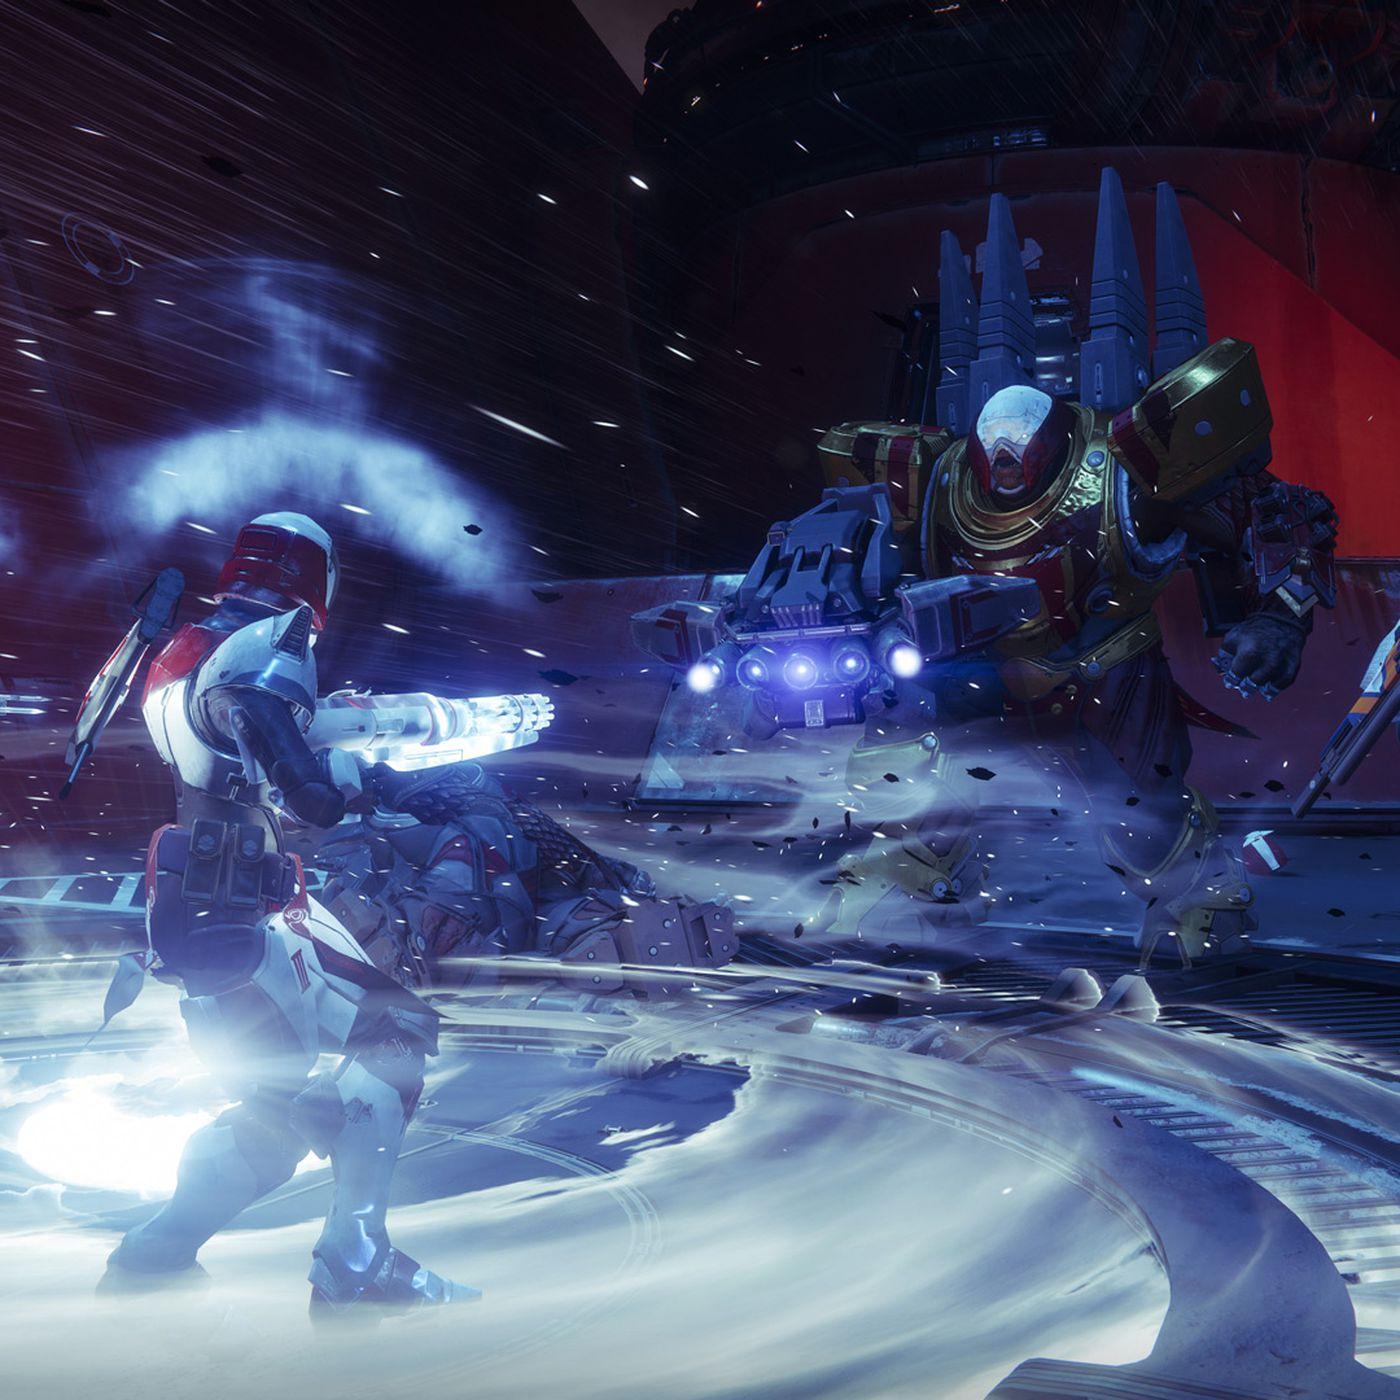 Destiny 2's newest patch revamps Arc classes, improves drop rates